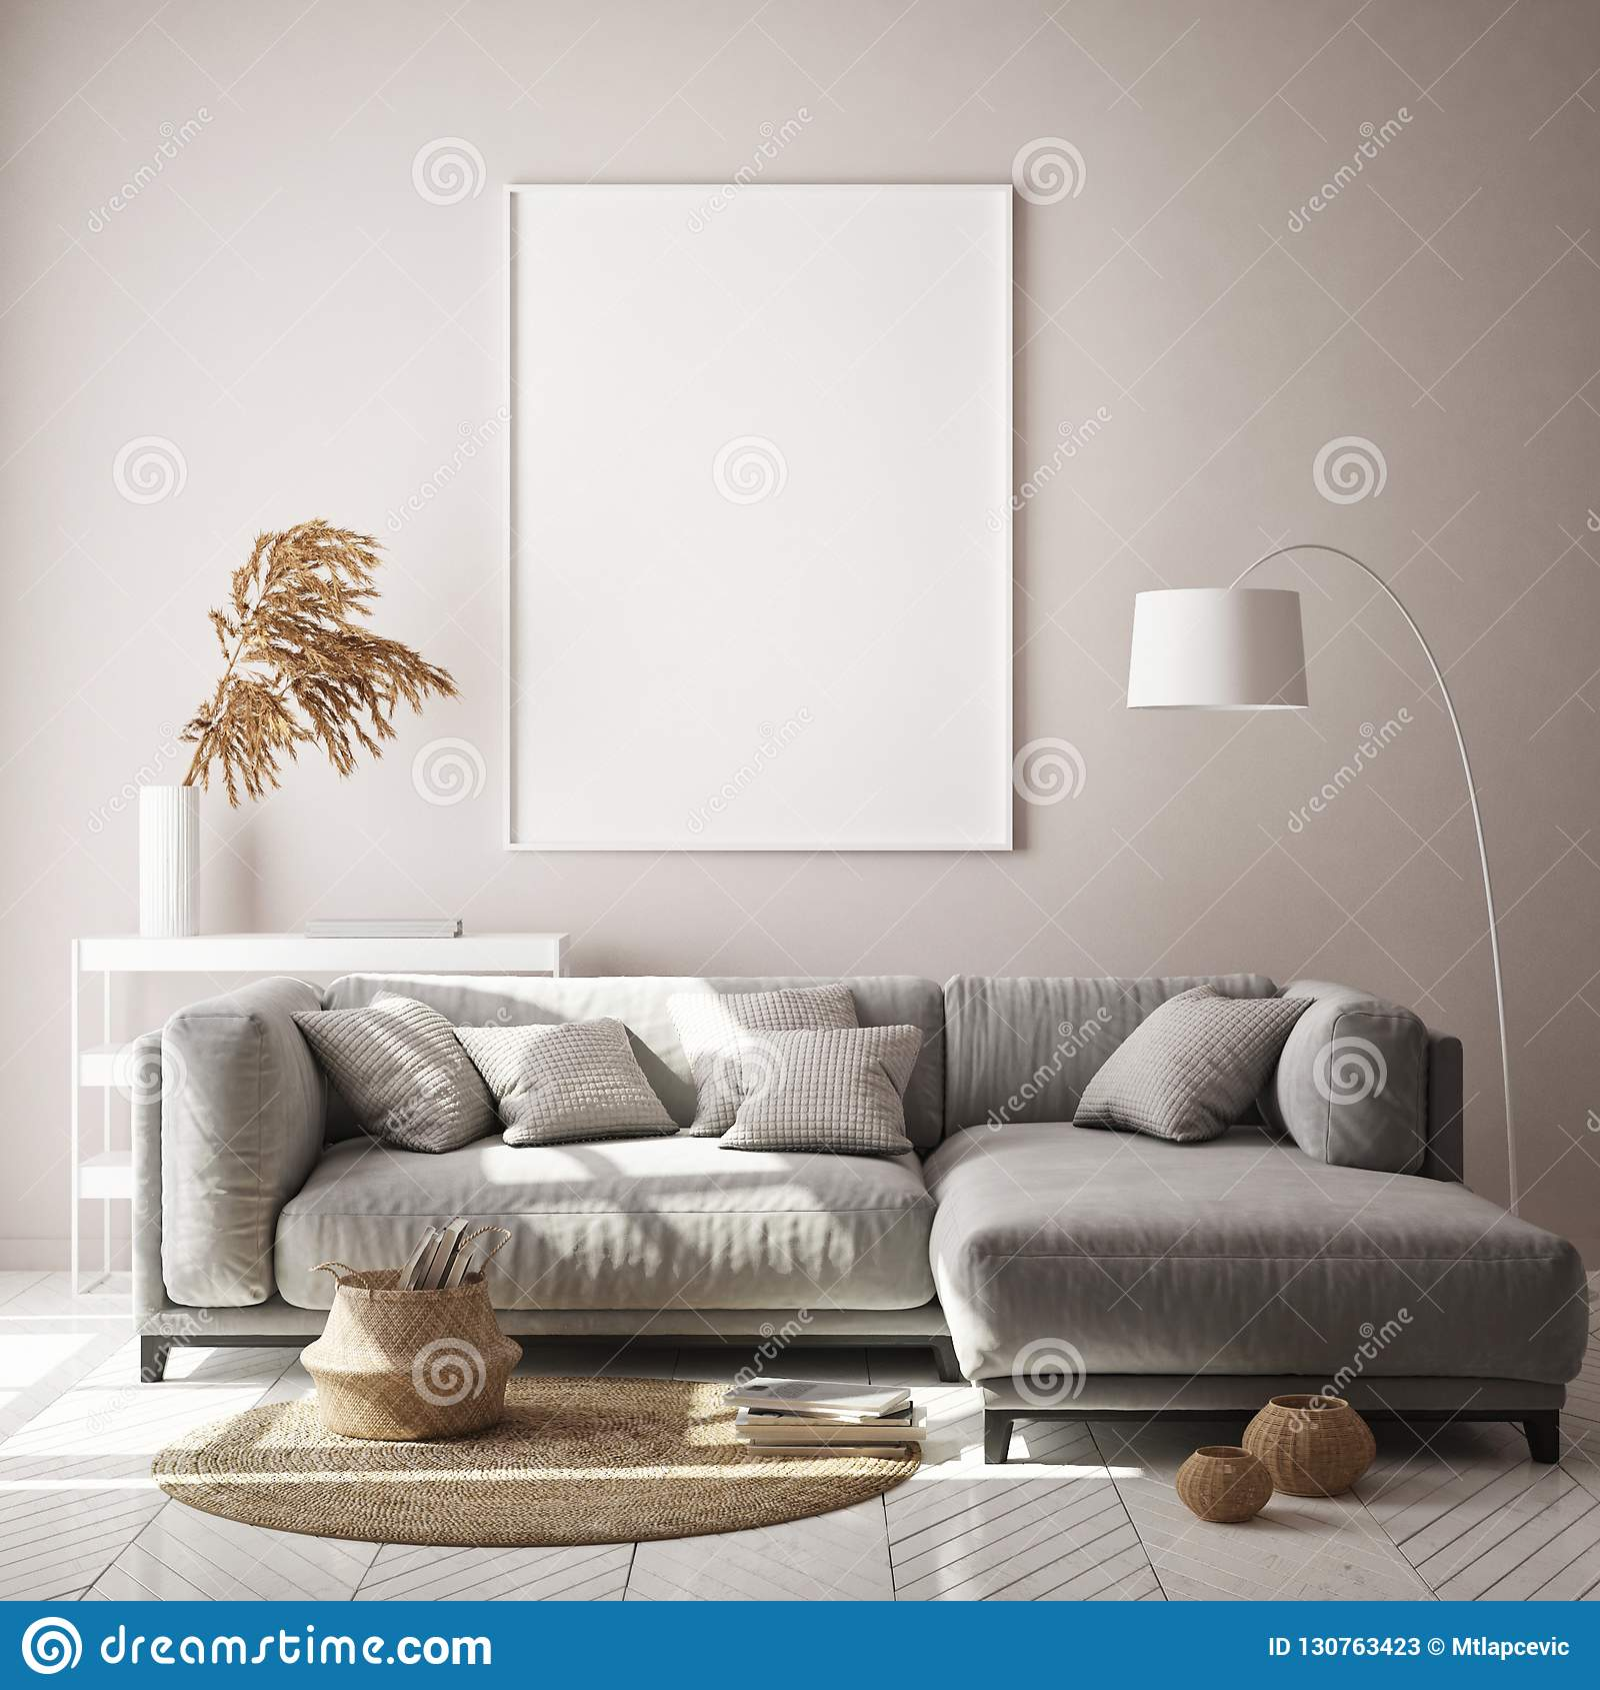 Mock up poster frame in hipster interior background, living room,Scandinavian style, 3D render, 3D illustration